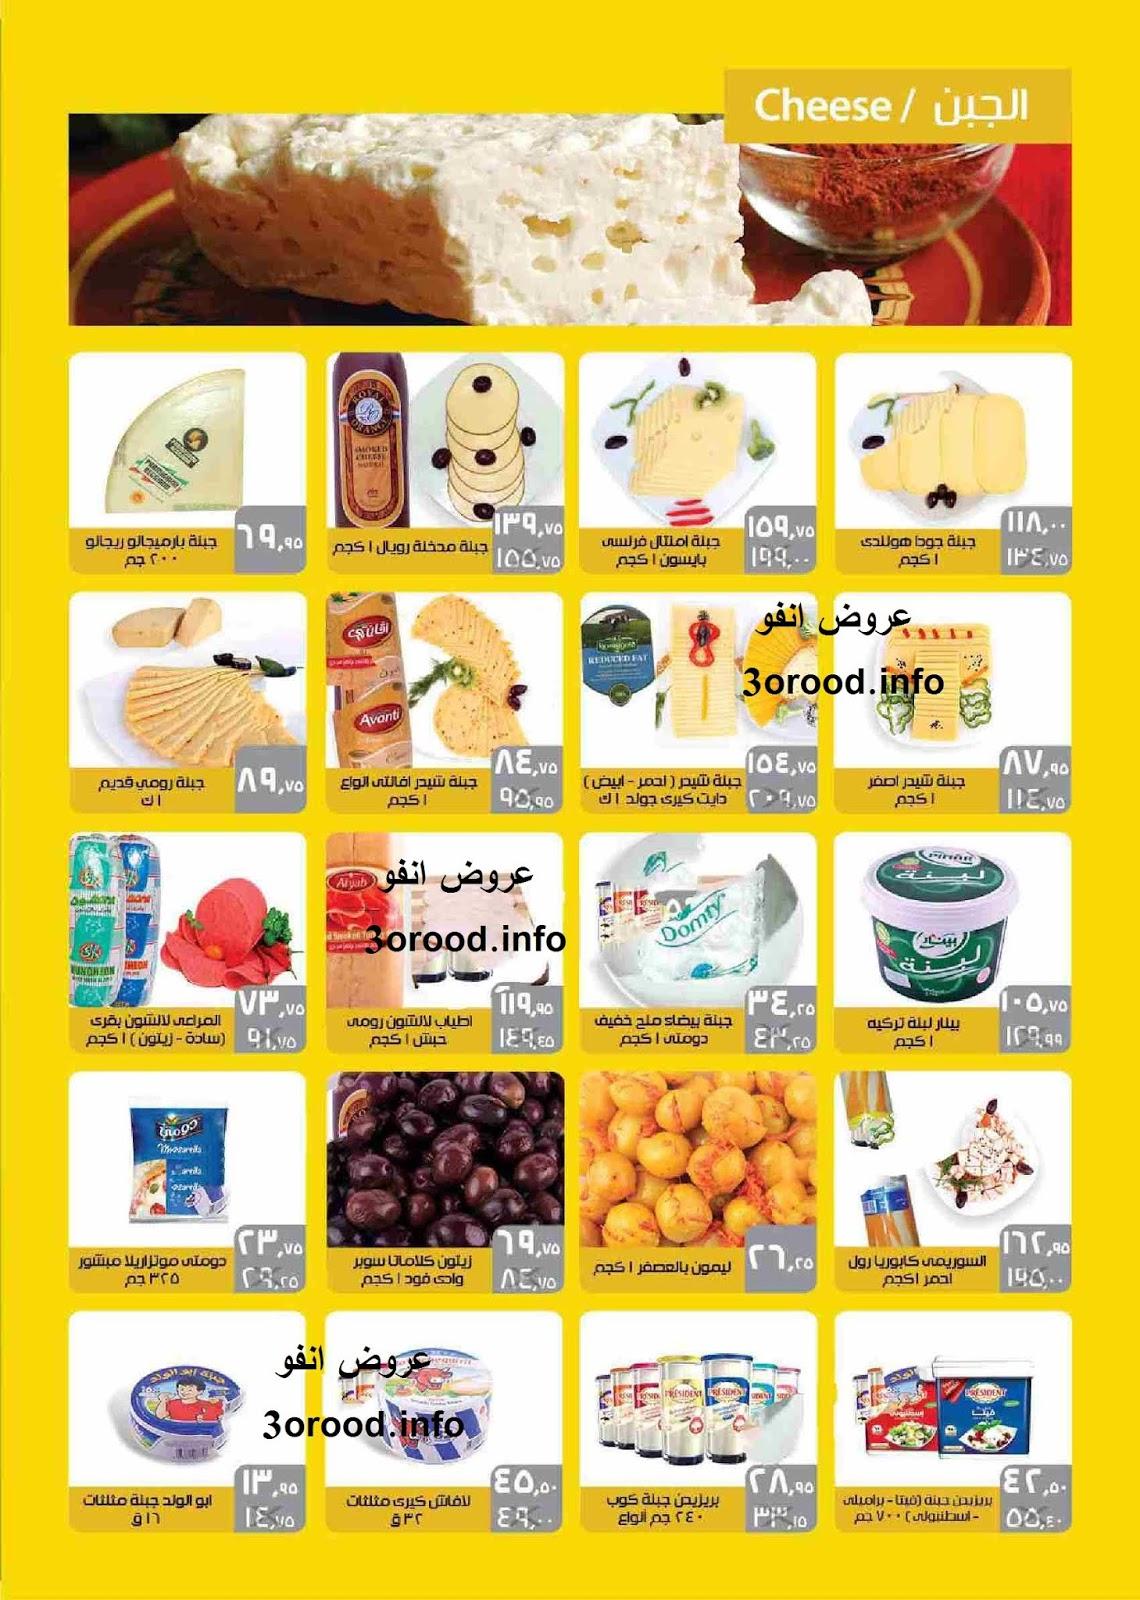 عروض سعودى ماركت عيد الفطر من 16 مايو حتى 10 يونيو 2019